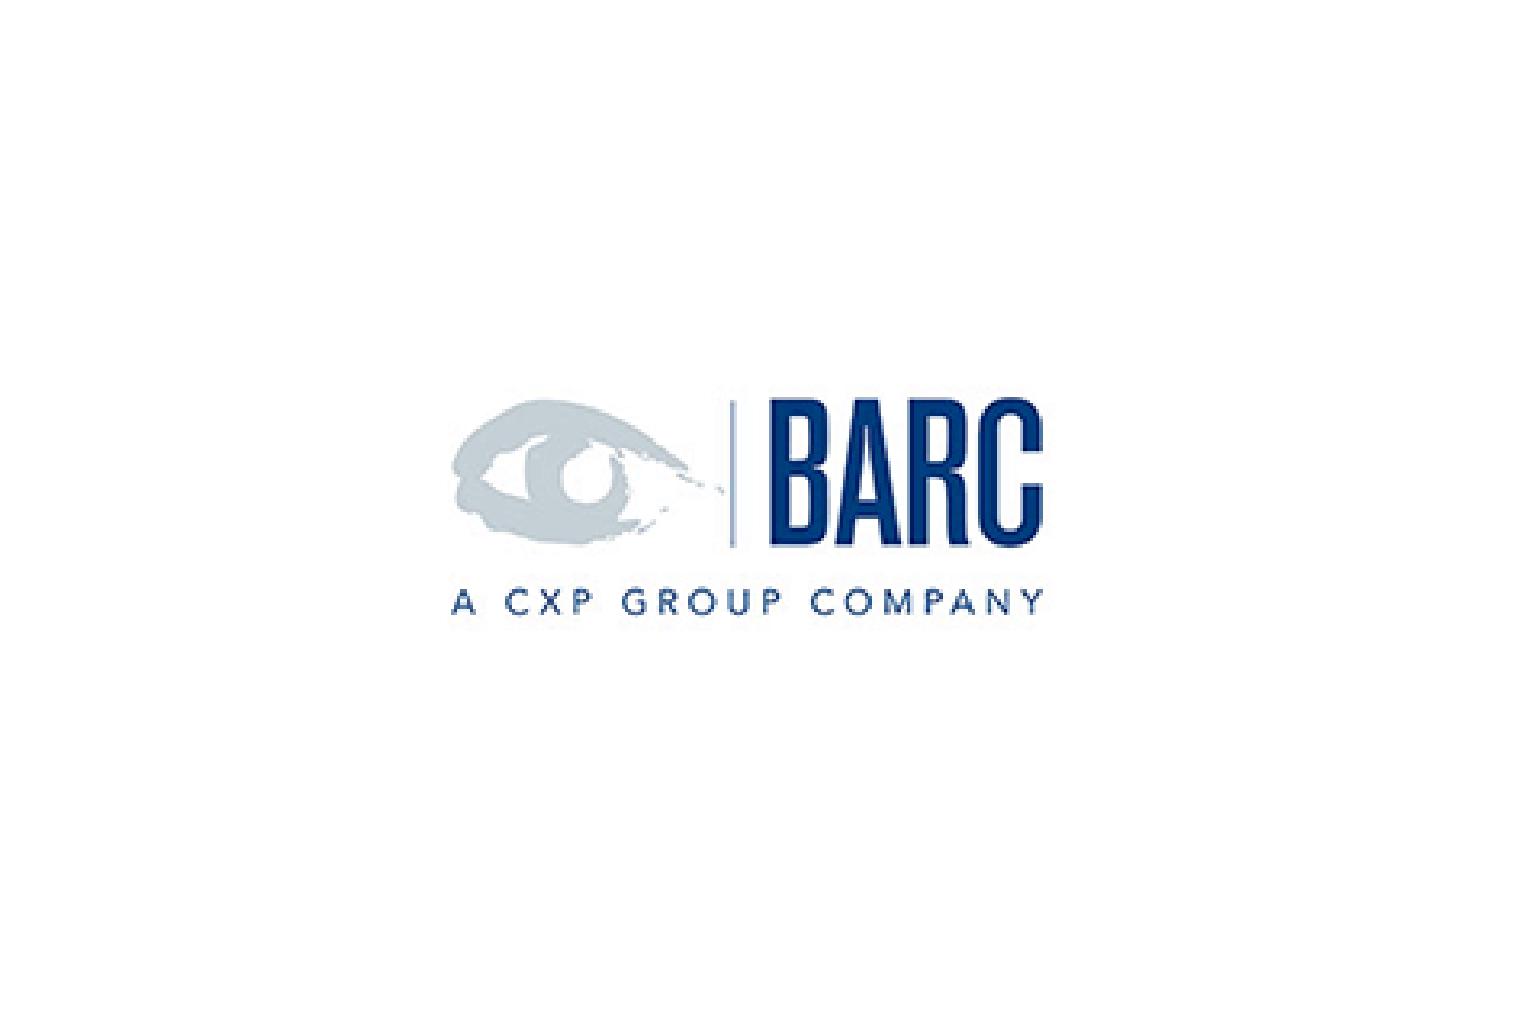 BARC image